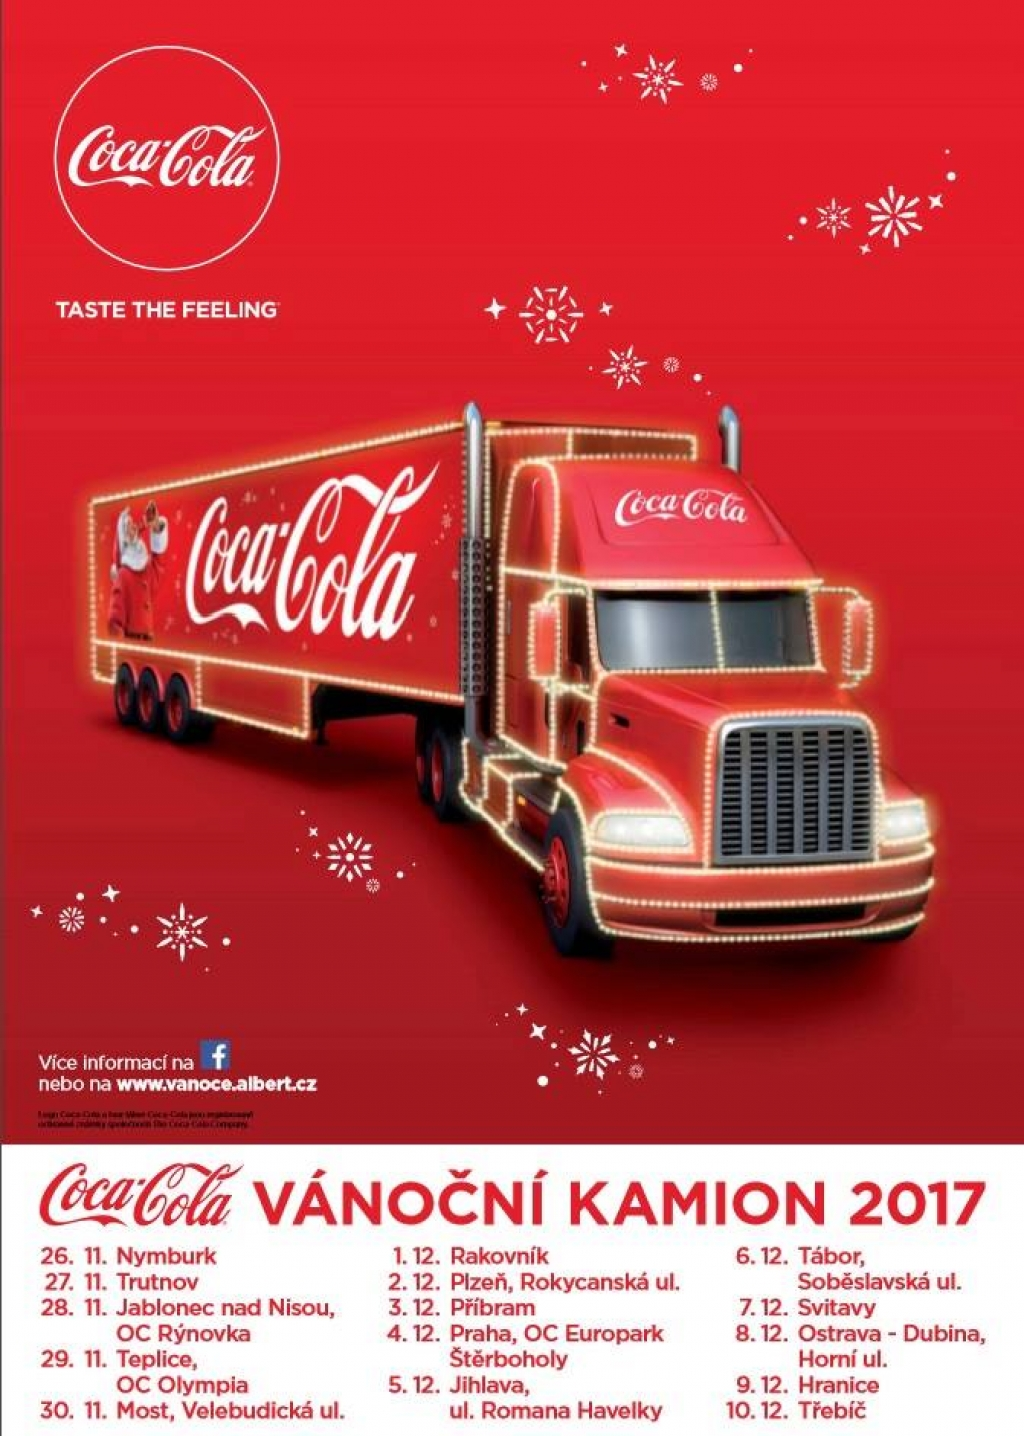 Vánoční kamion Coca-Cola 2017 -  Trutnov